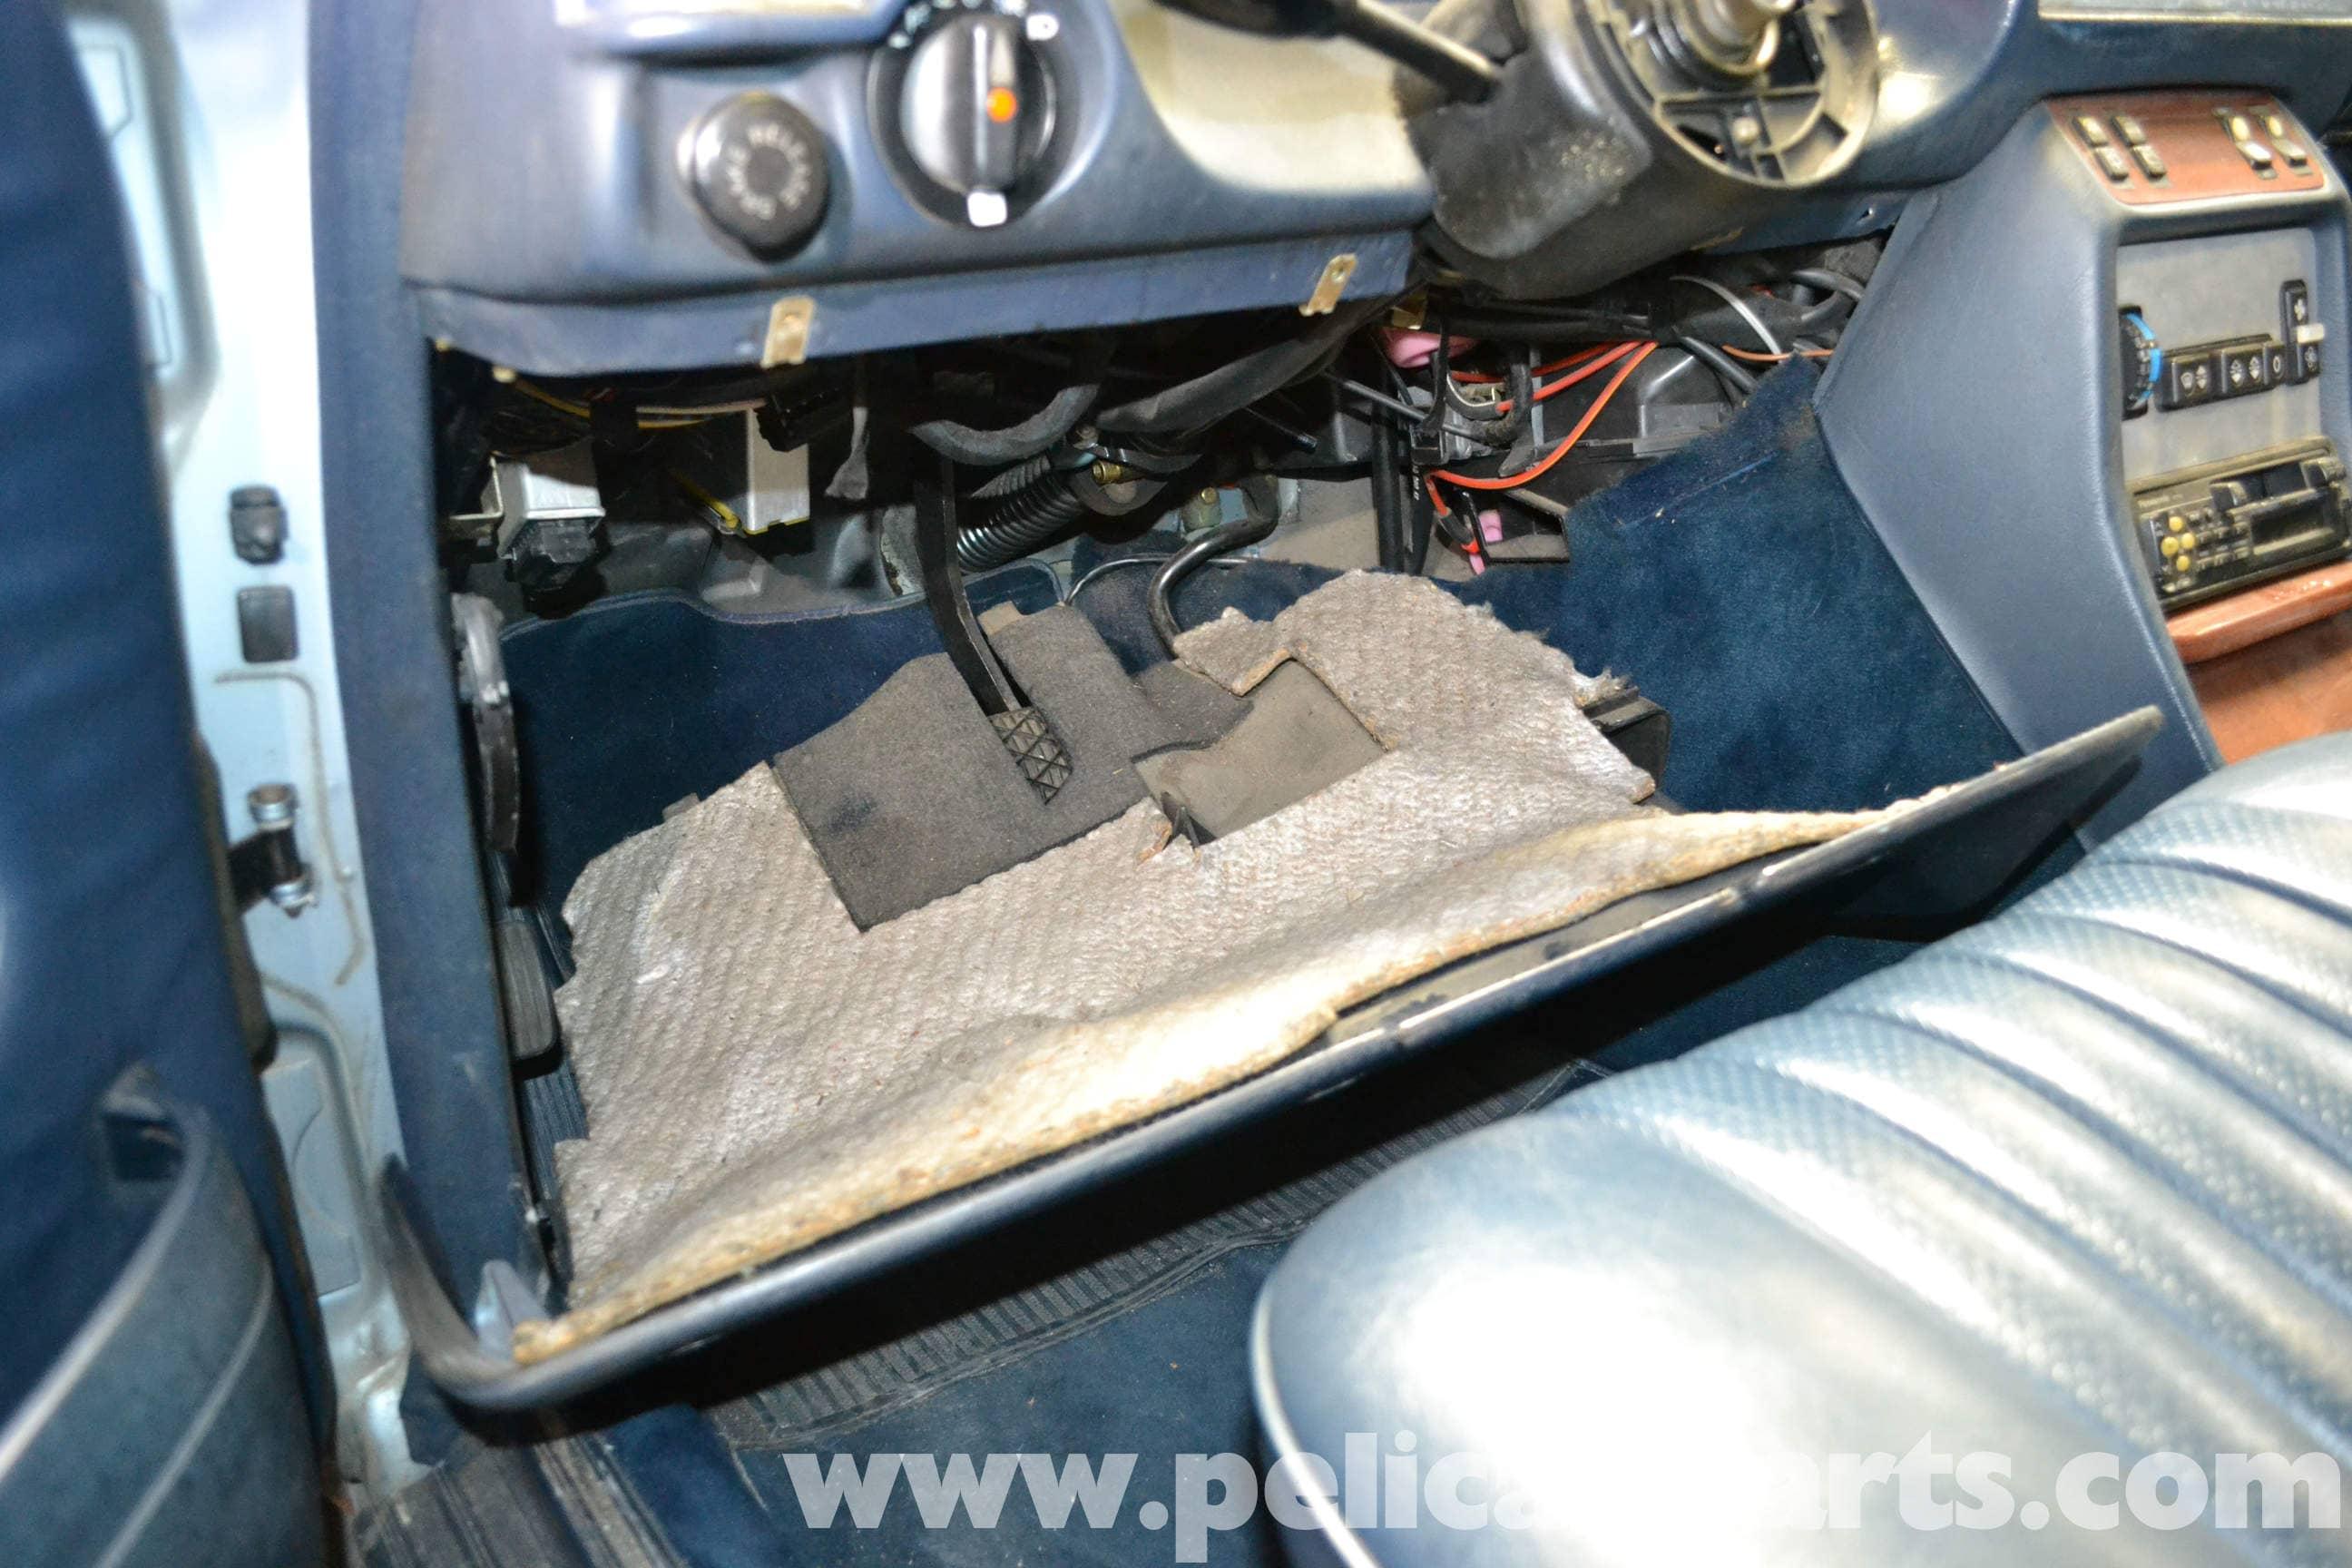 2003 Chevy Instrument Clusterthe Wiring Under The Dashfoot